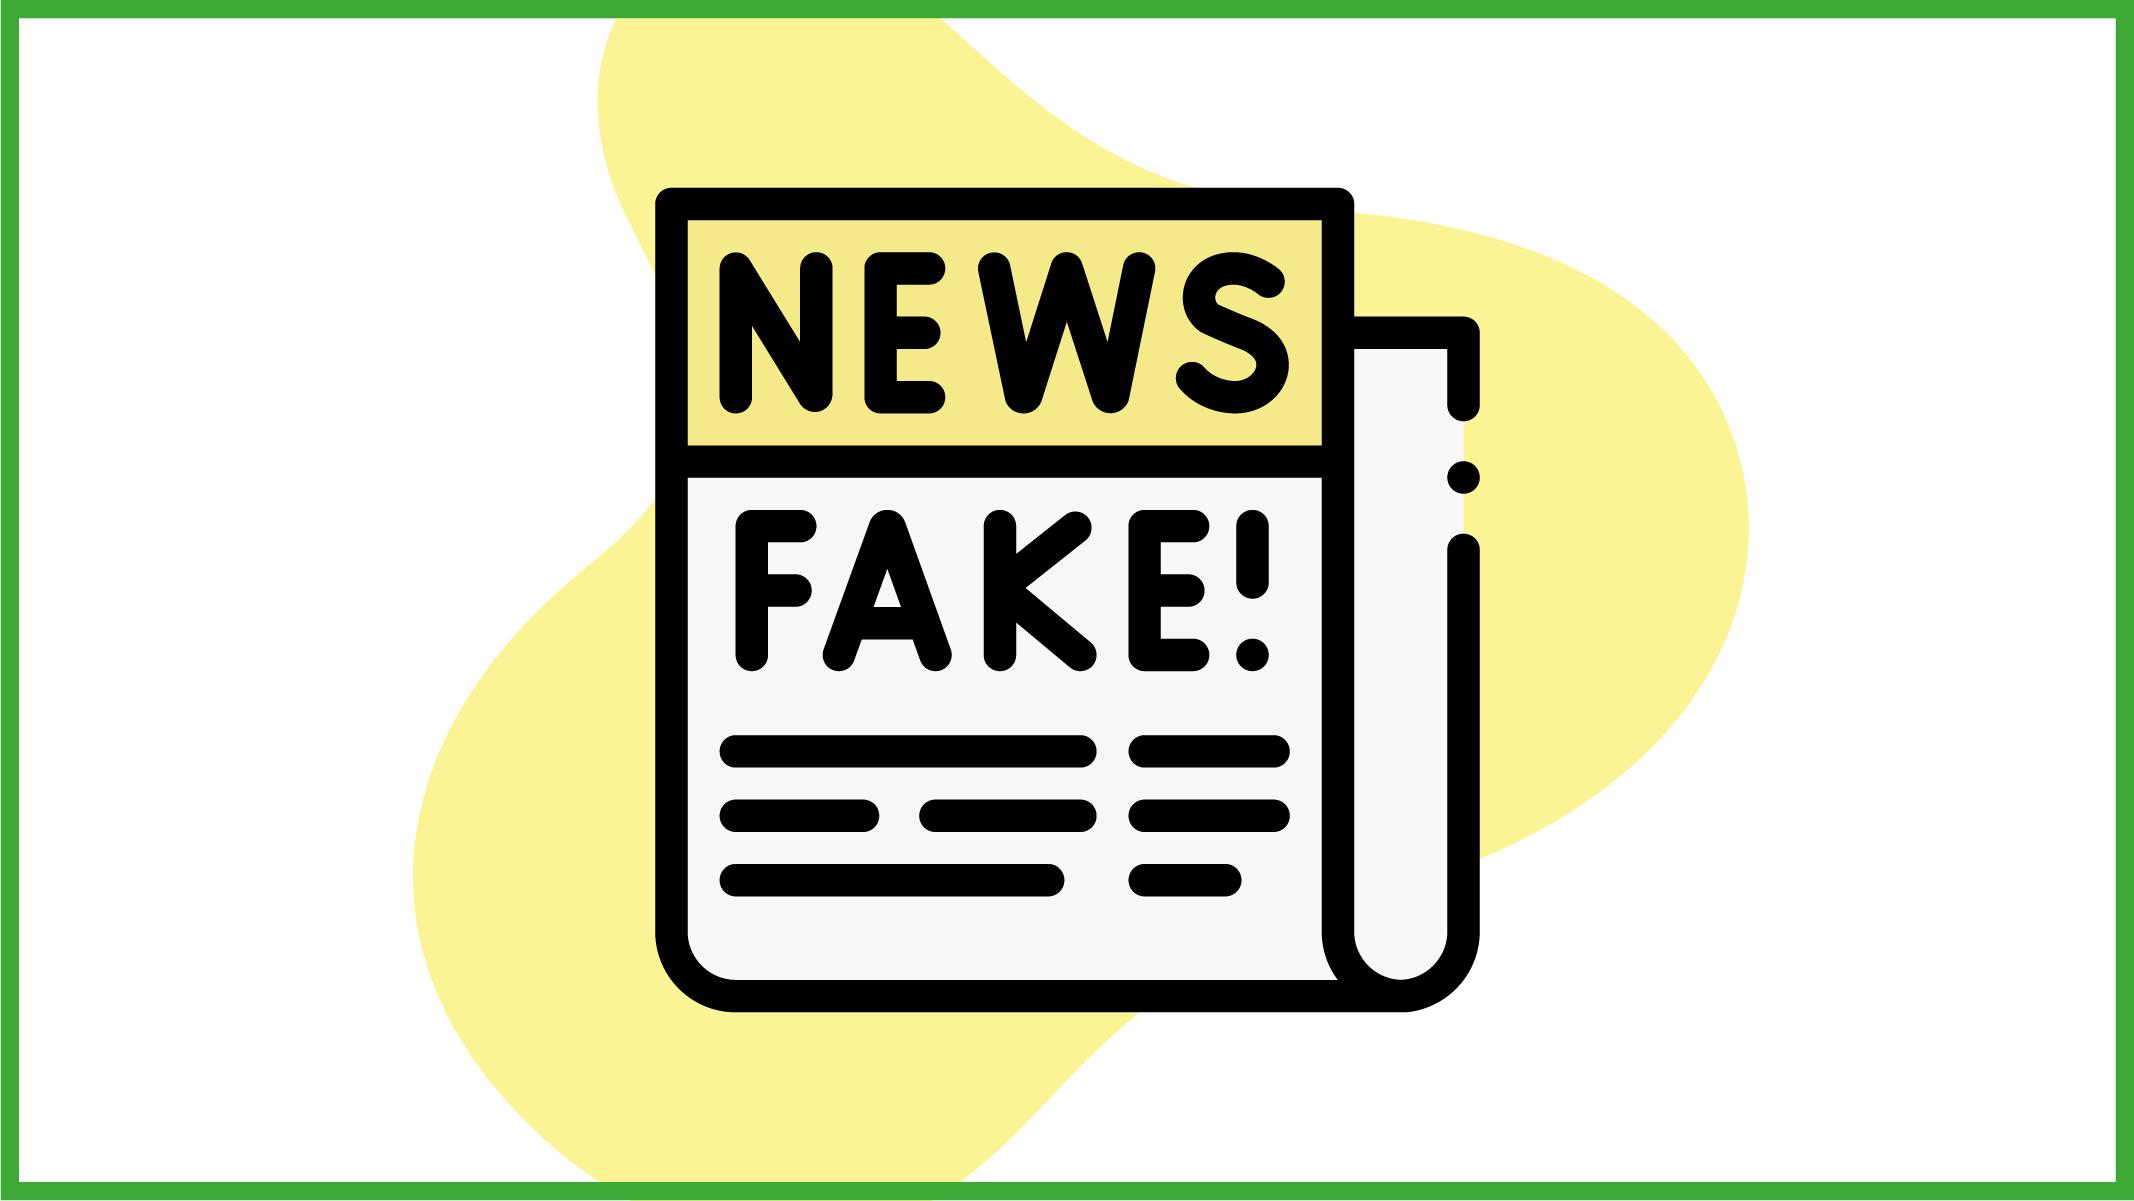 giornale che riporta fake news